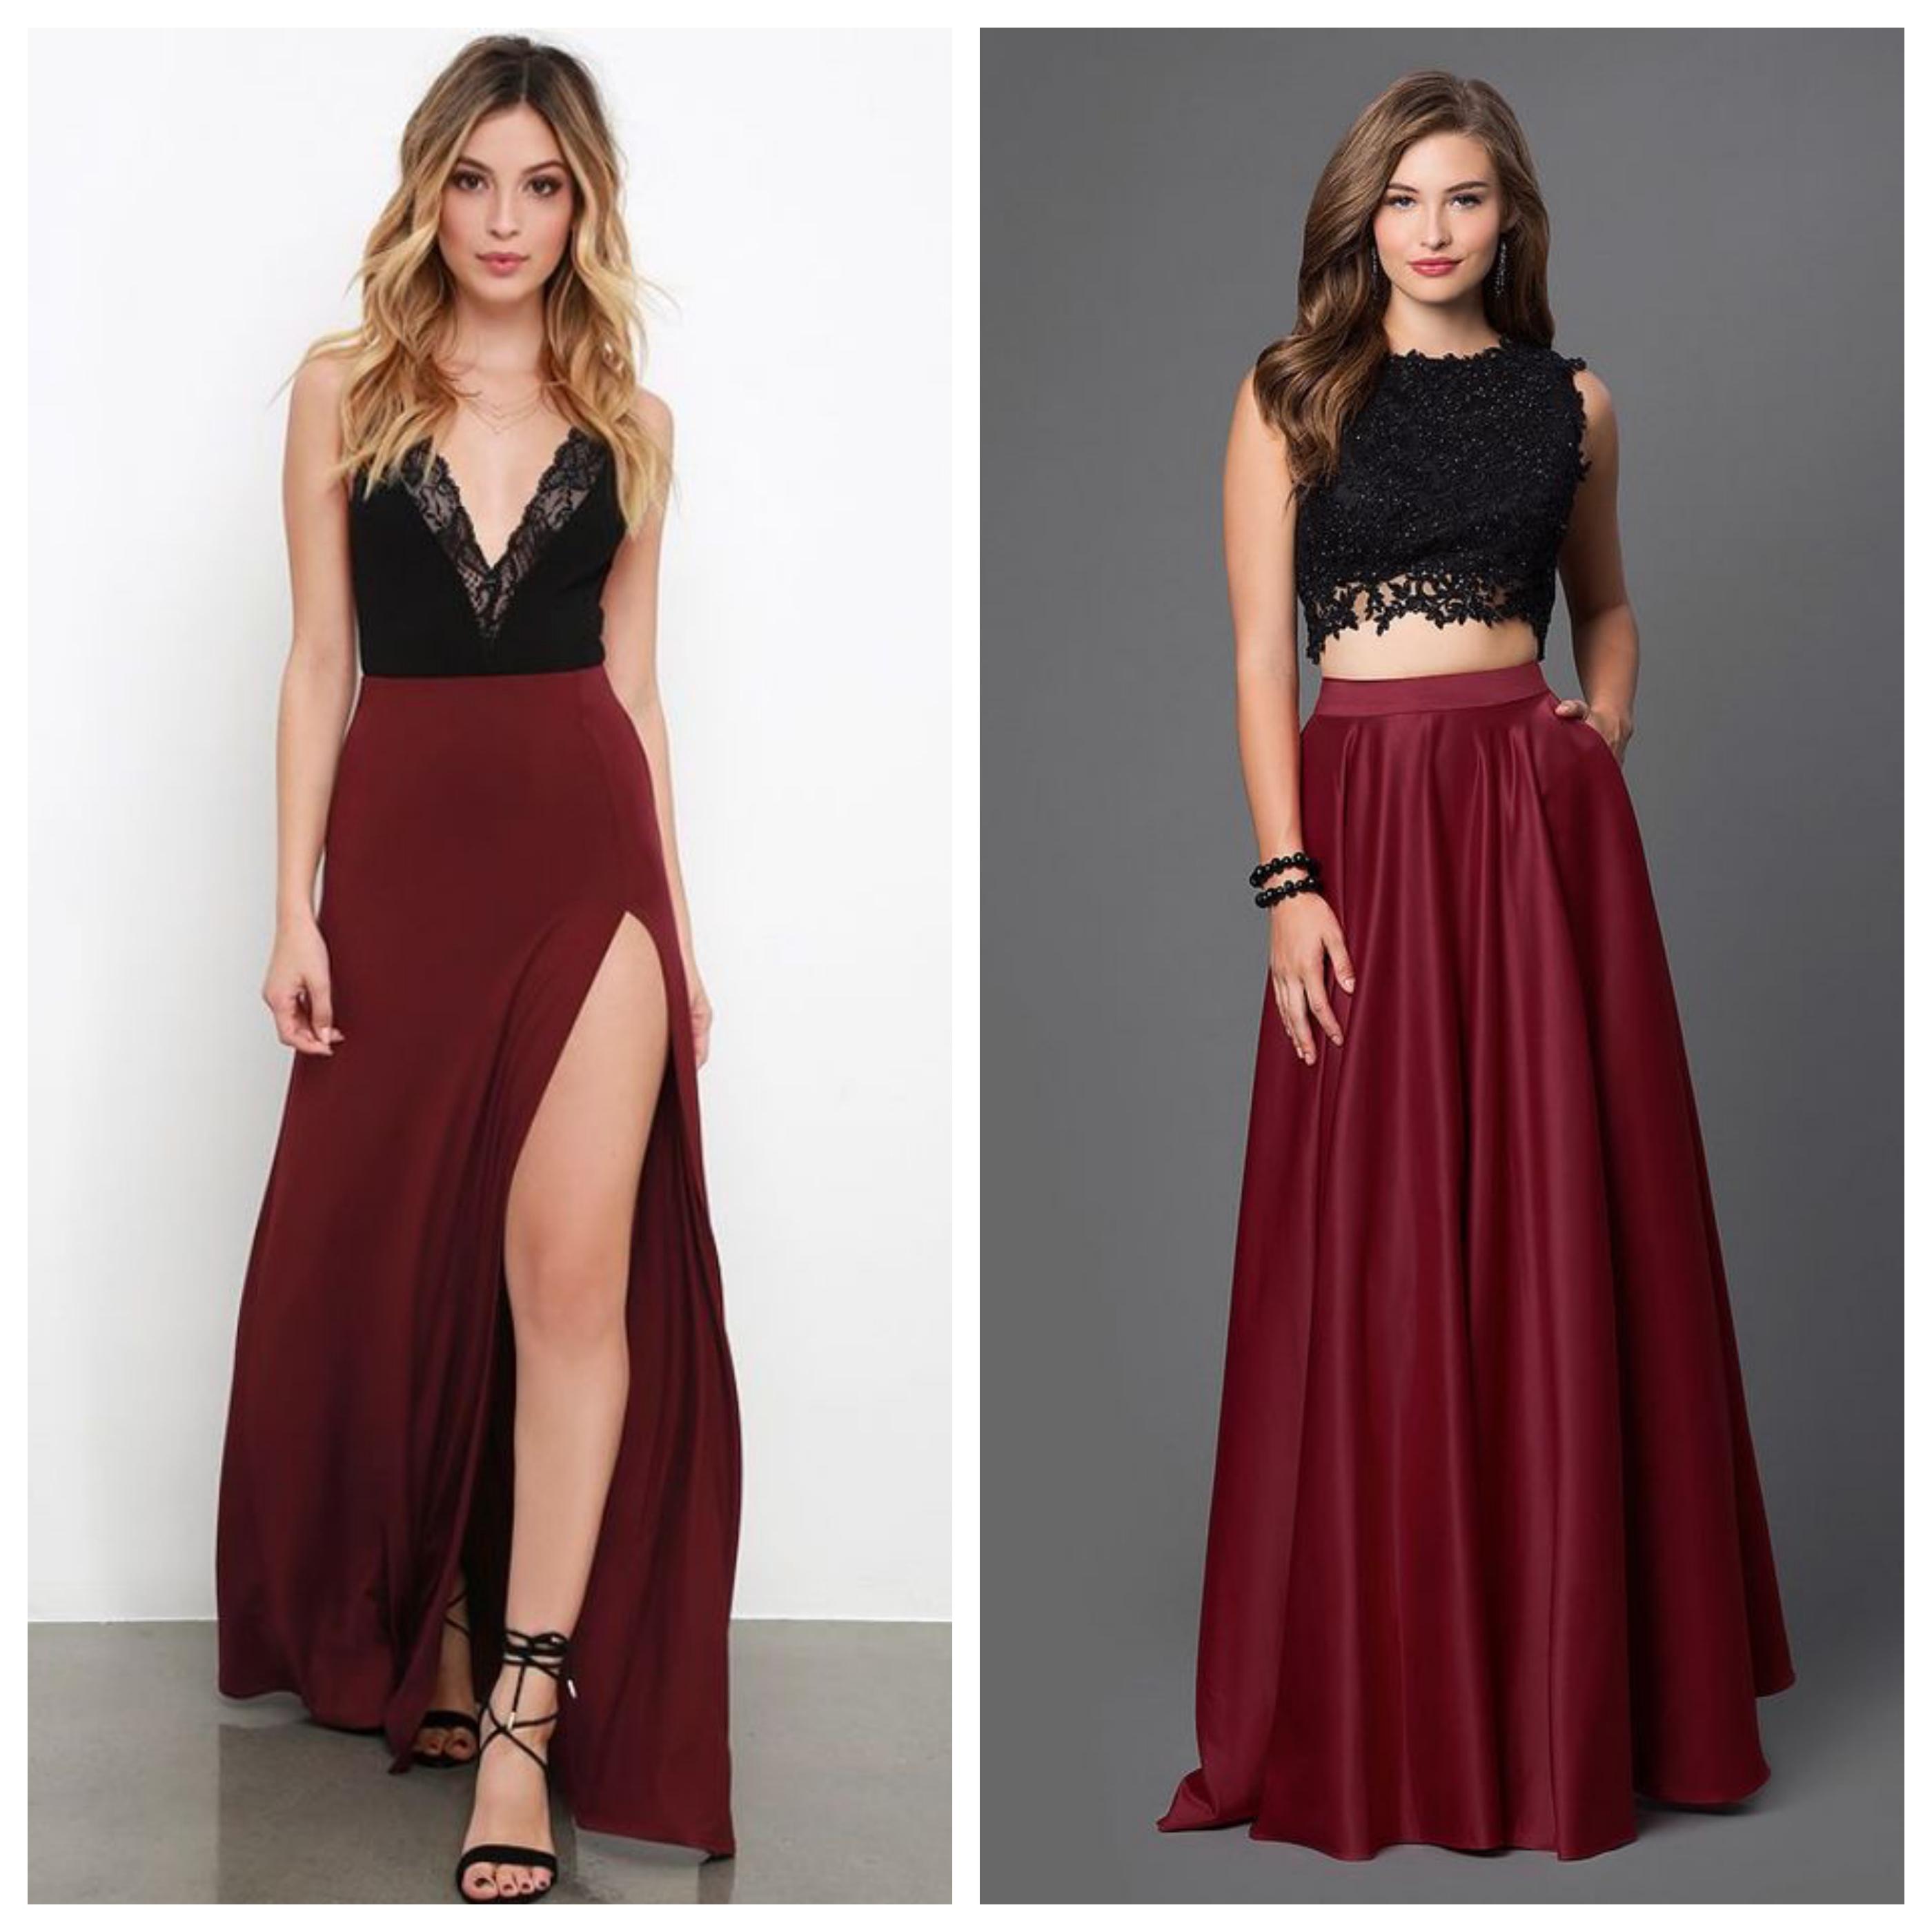 Вечернее платье на выпускной вечер - юбка и топ